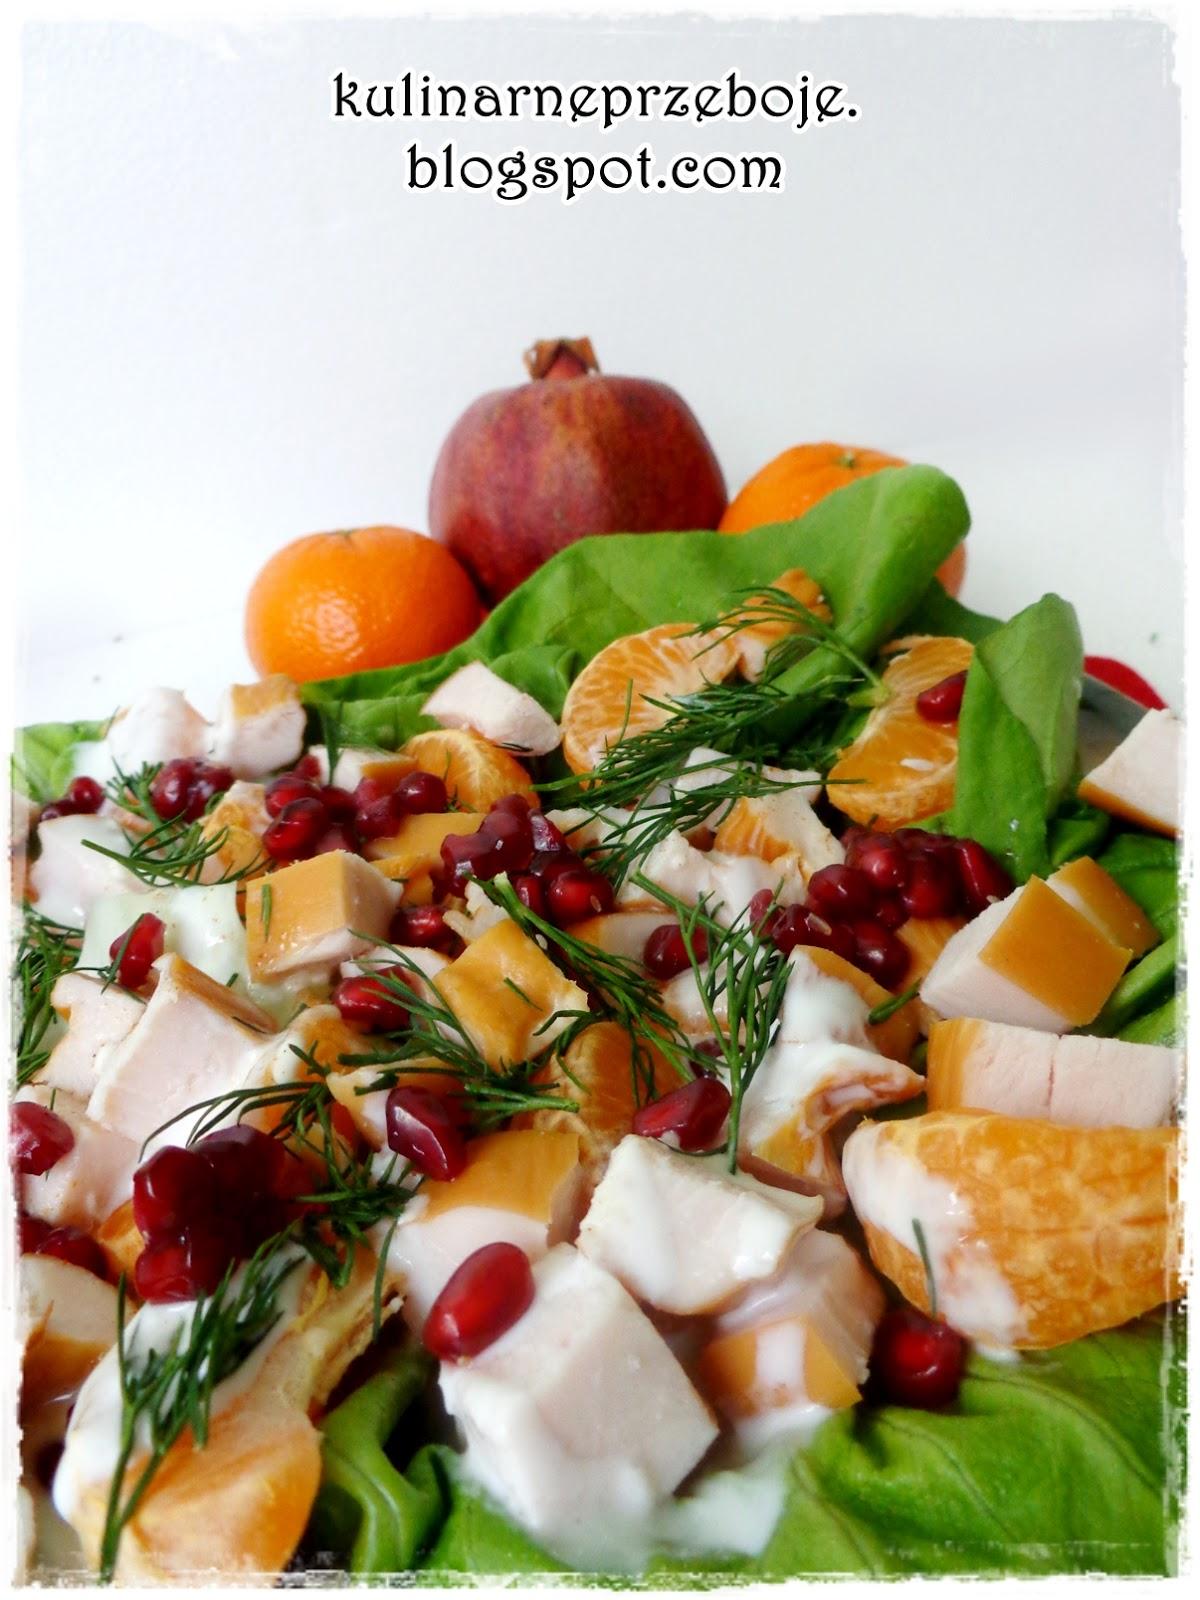 Sałatka z wędzonym kurczakiem, pestkami granatu, mandarynkami, sałatą i jogurtem naturalnym